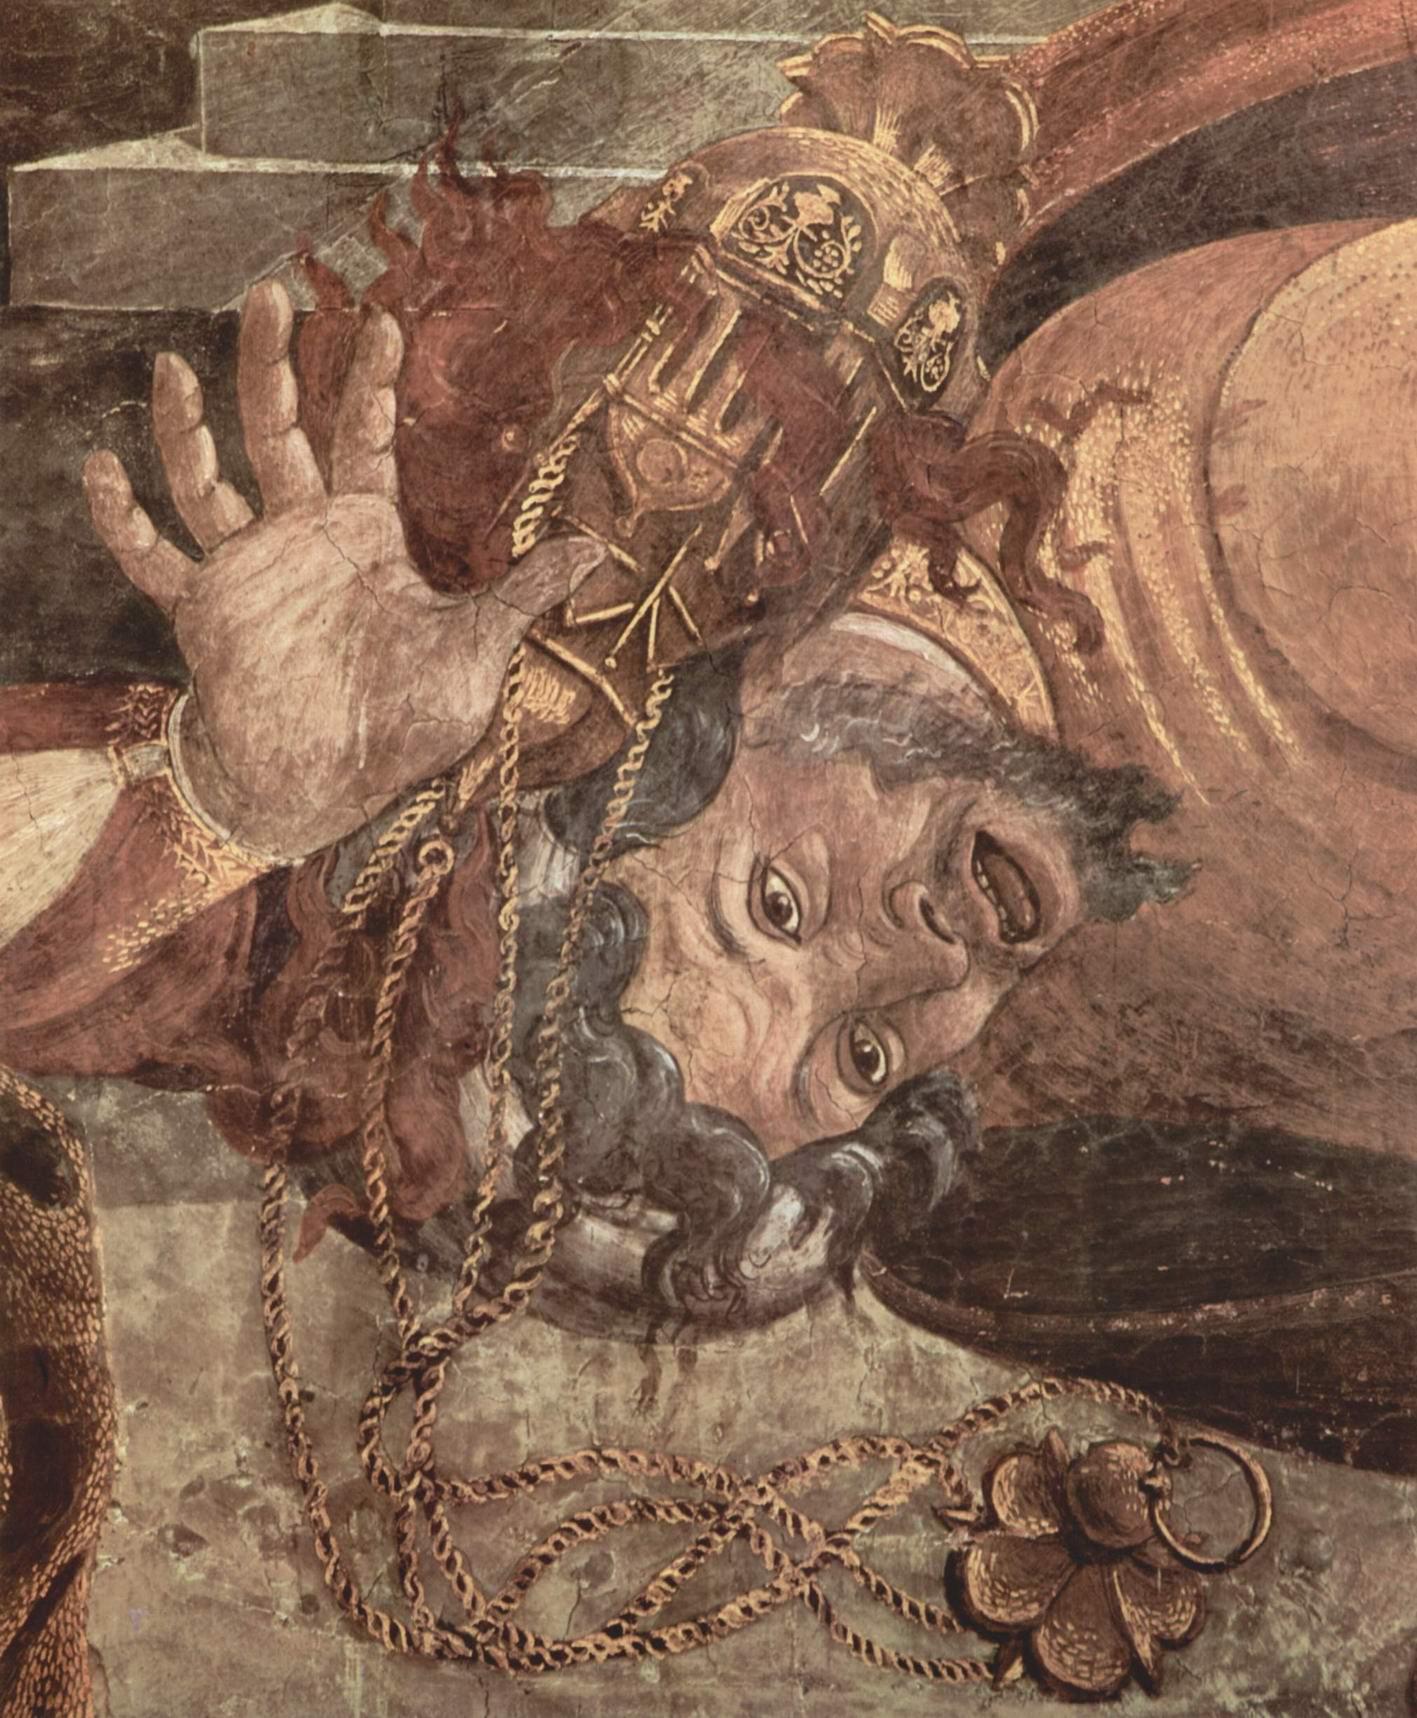 Фрески Сикстинской капеллы в Риме, Наказание левитов. Деталь, Сандро Боттичелли